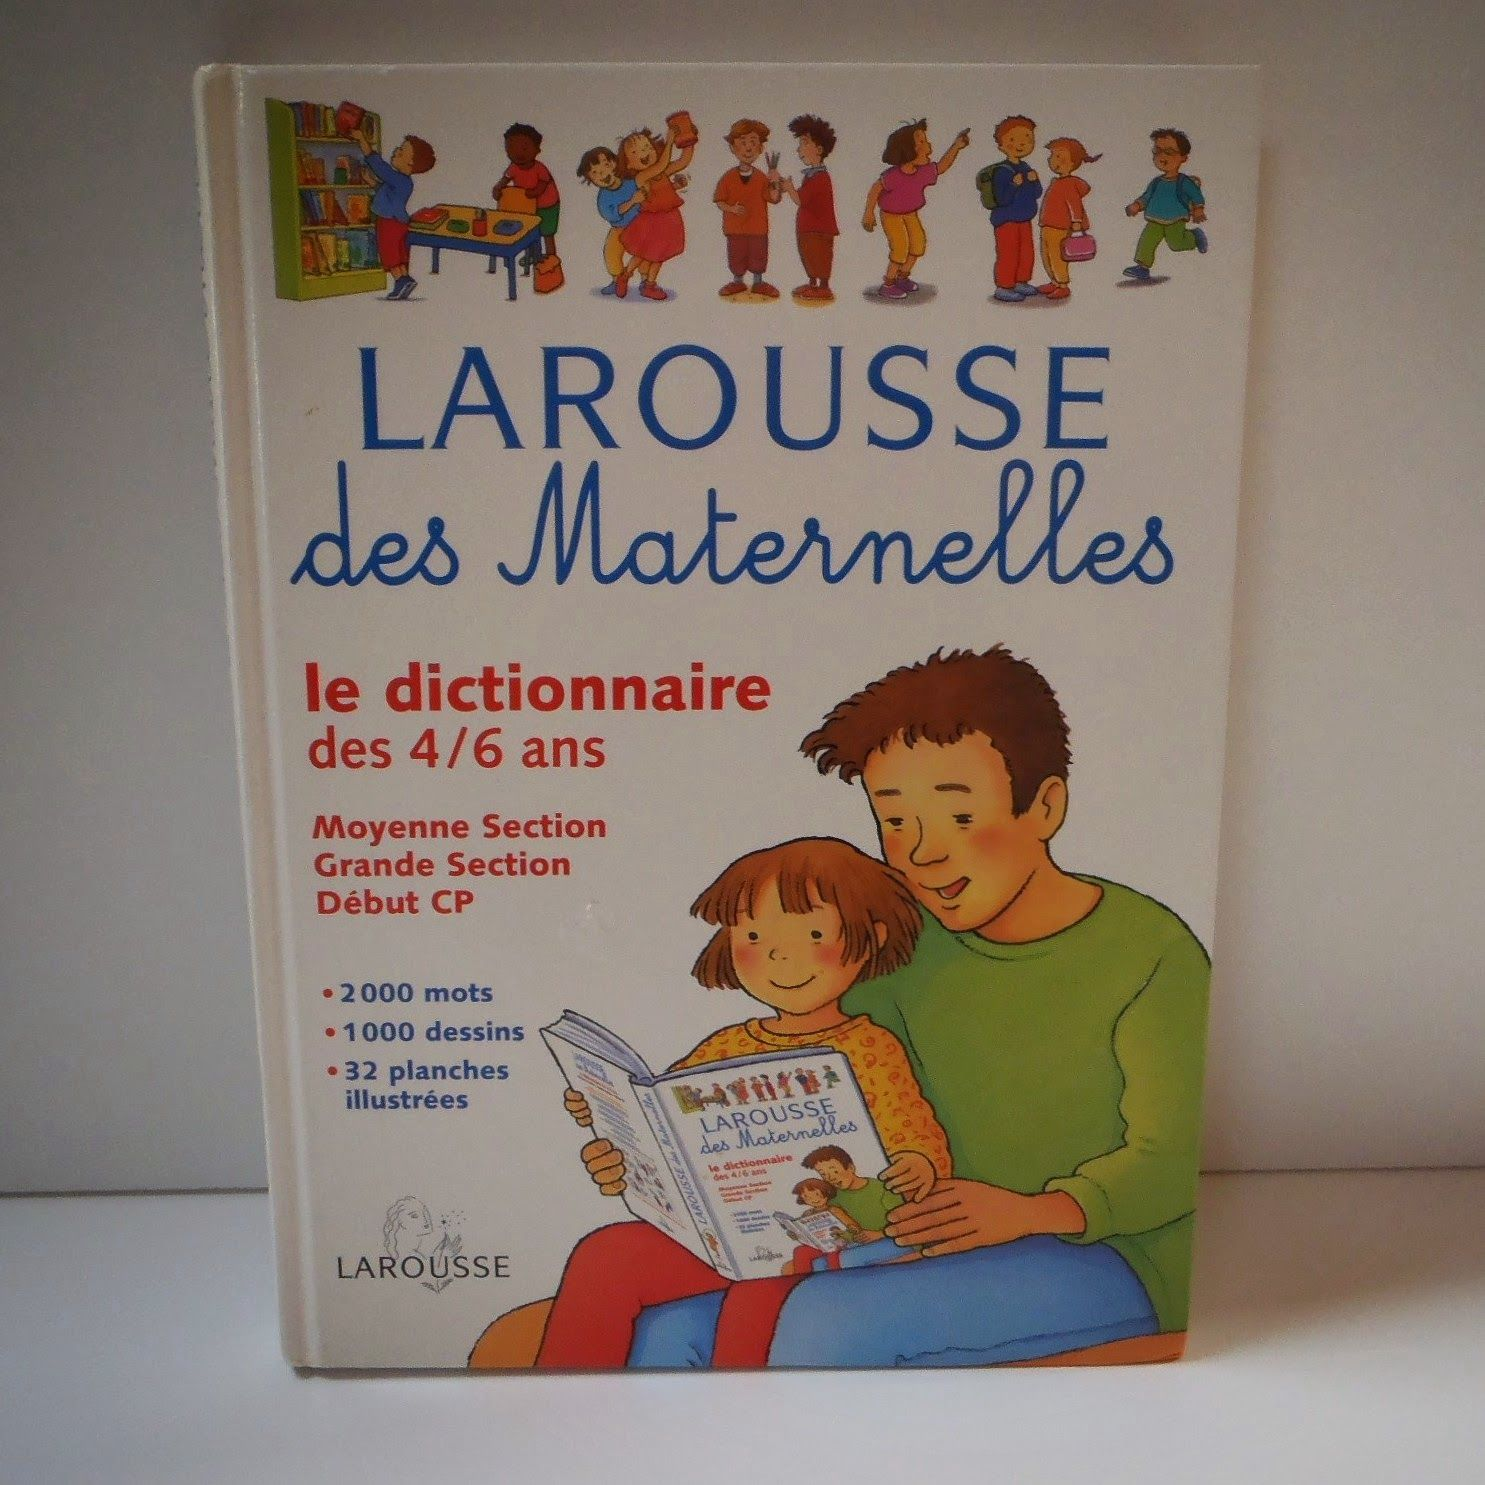 La Faculte Telecharger Livre Larousse Des Maternelles Pdf